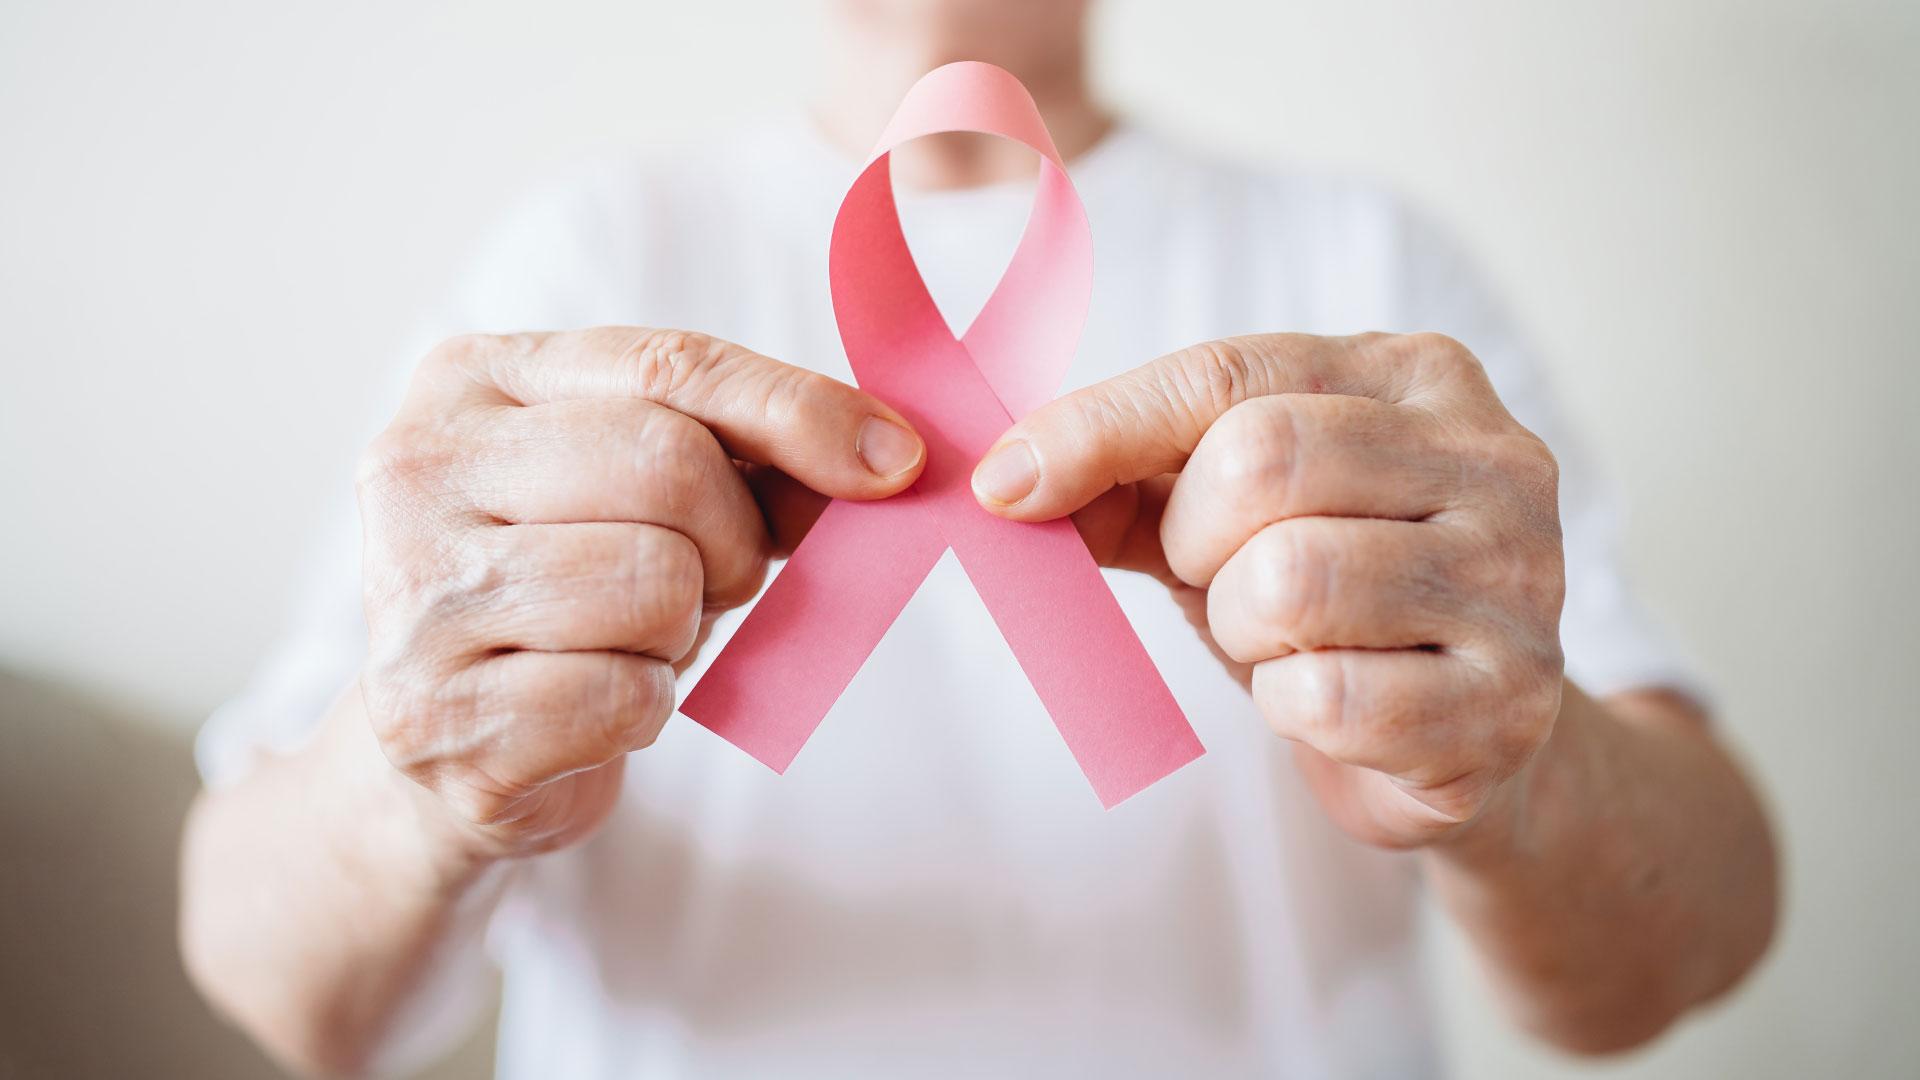 Saiba como a teleconsulta pode apoiar o diagnóstico e o tratamento do câncer de mama